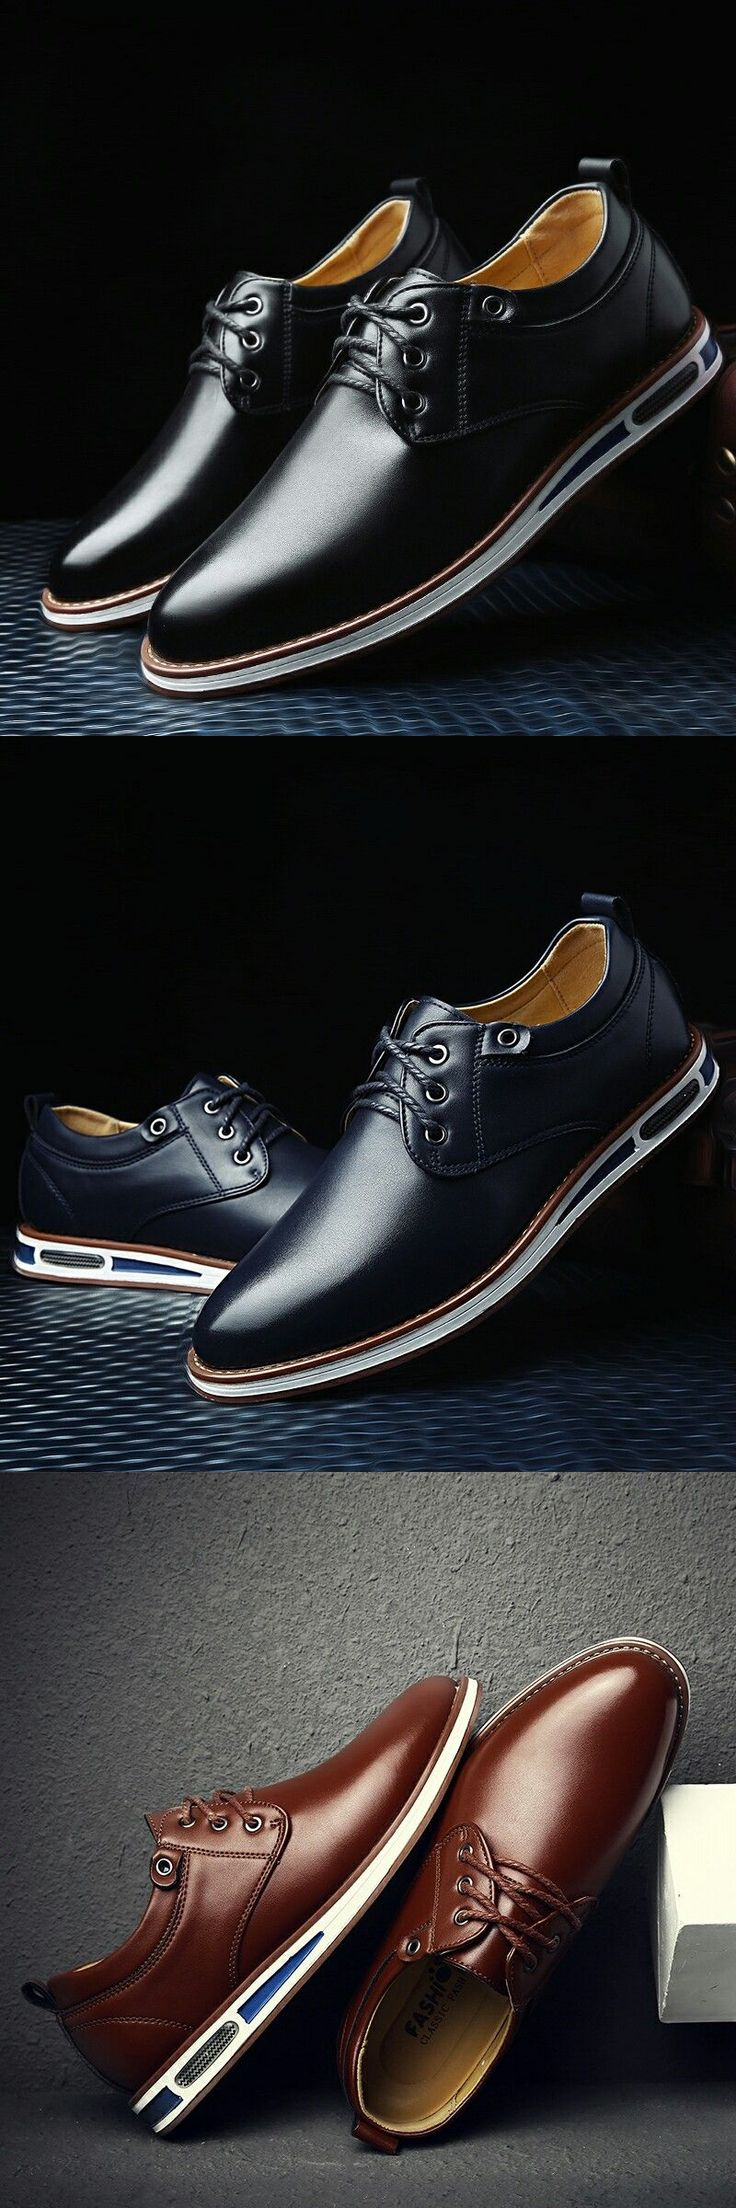 $24.99 Men's Comfortable Leisure Shoes #comfortFashion